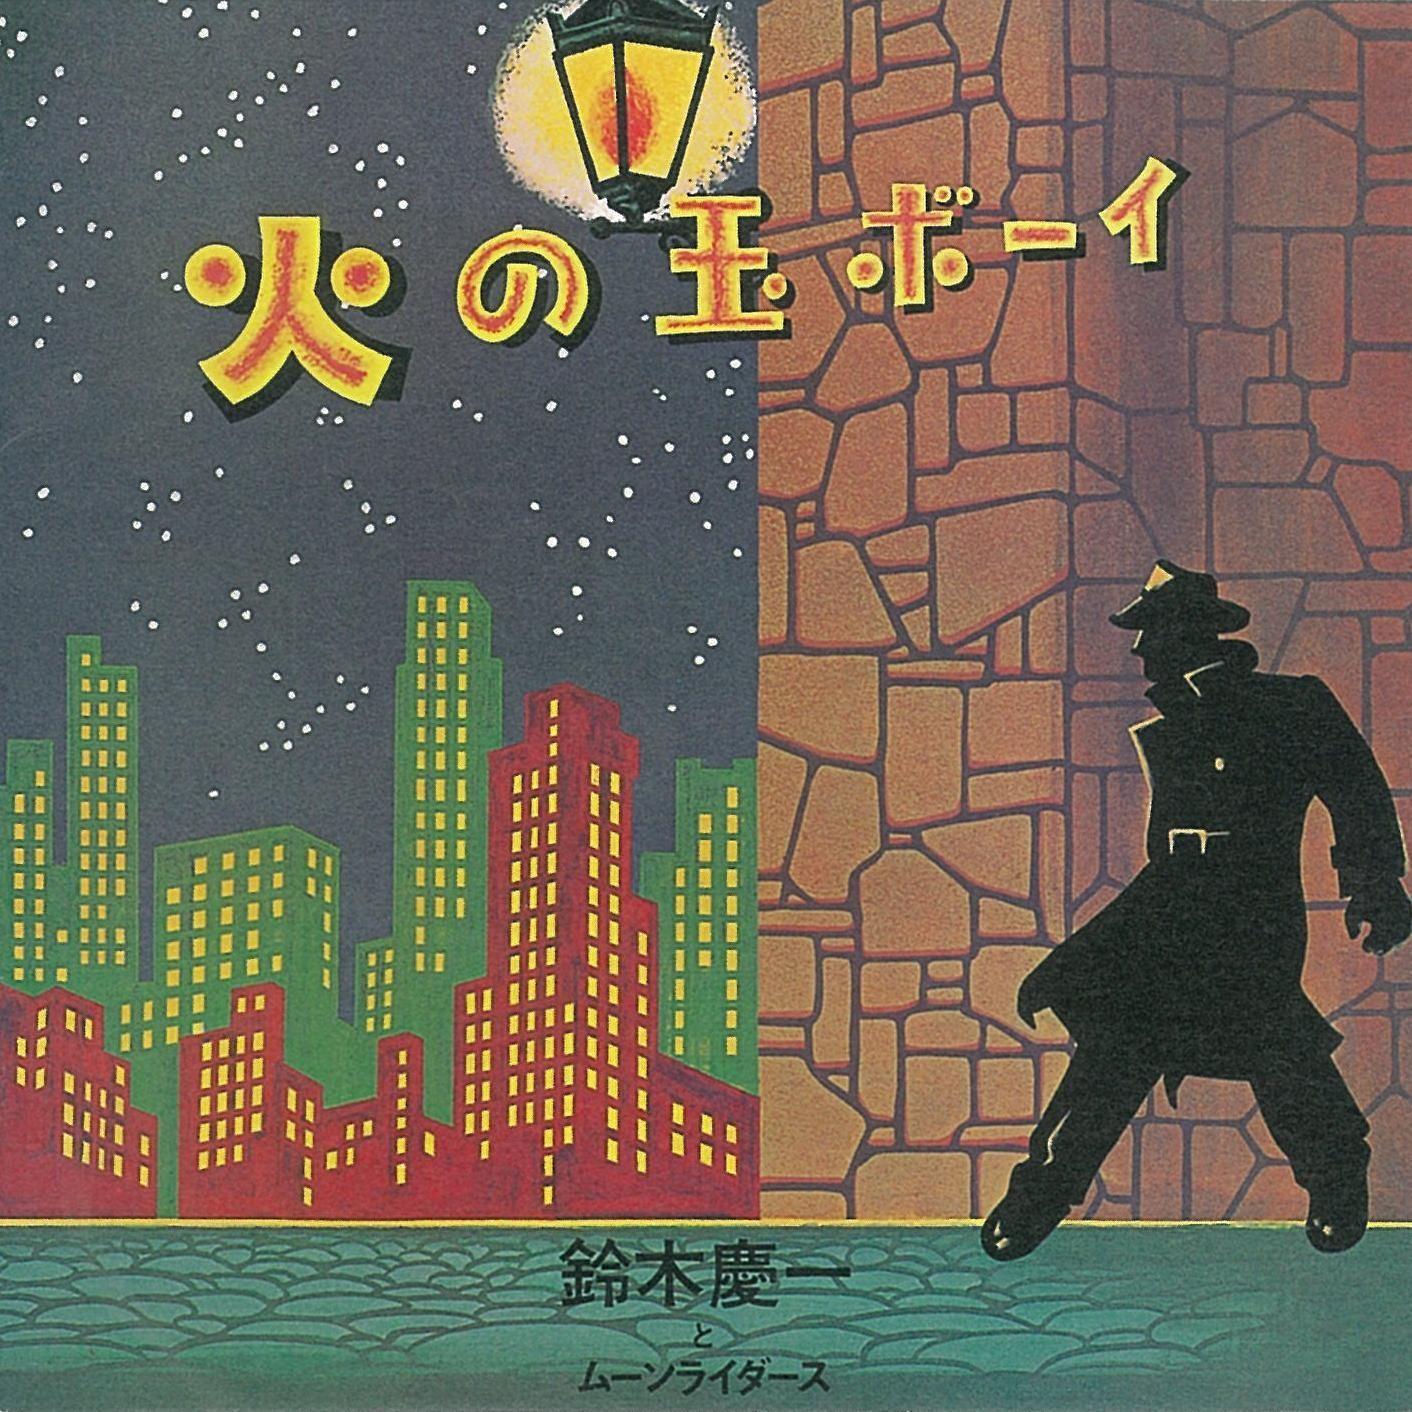 鈴木慶一とムーンライダース『火の玉ボーイ』